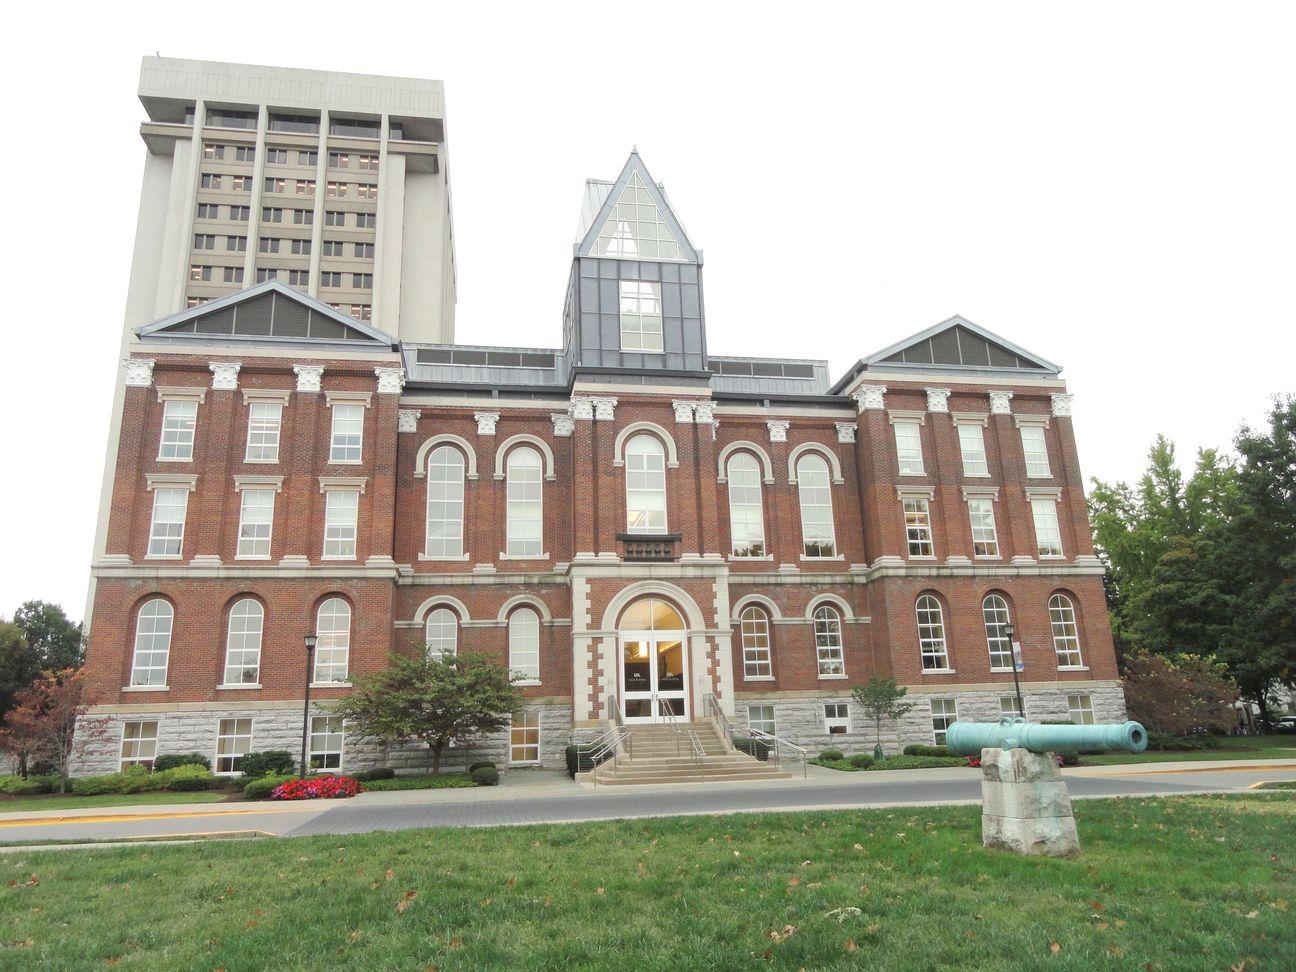 Основное здание университета Кентукки